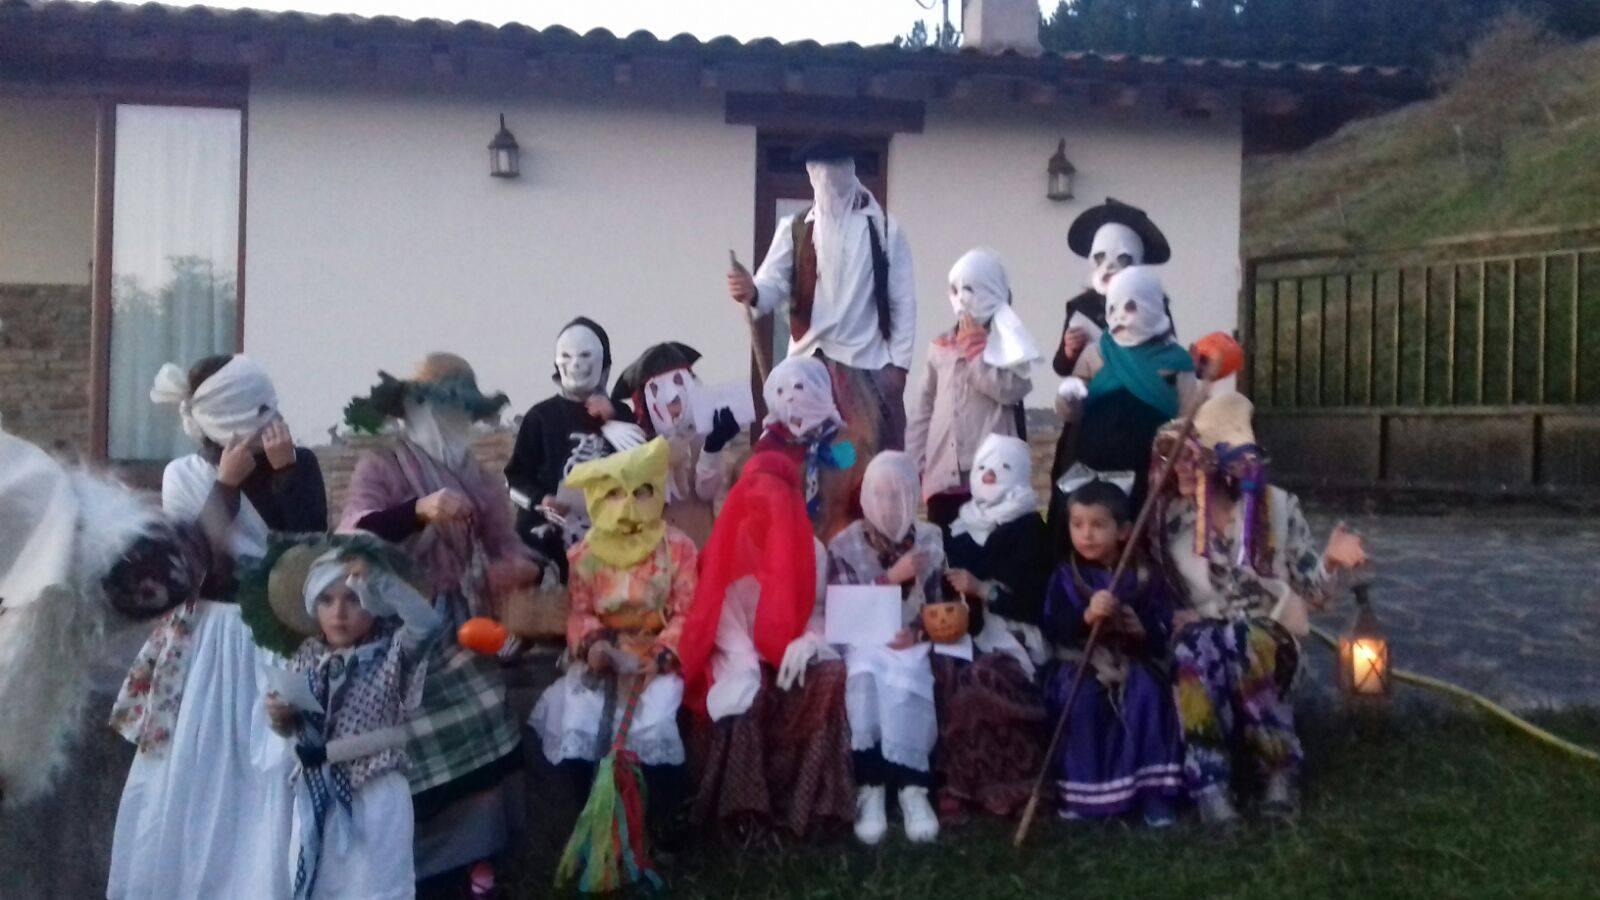 Eibarko umiak Halloweenen